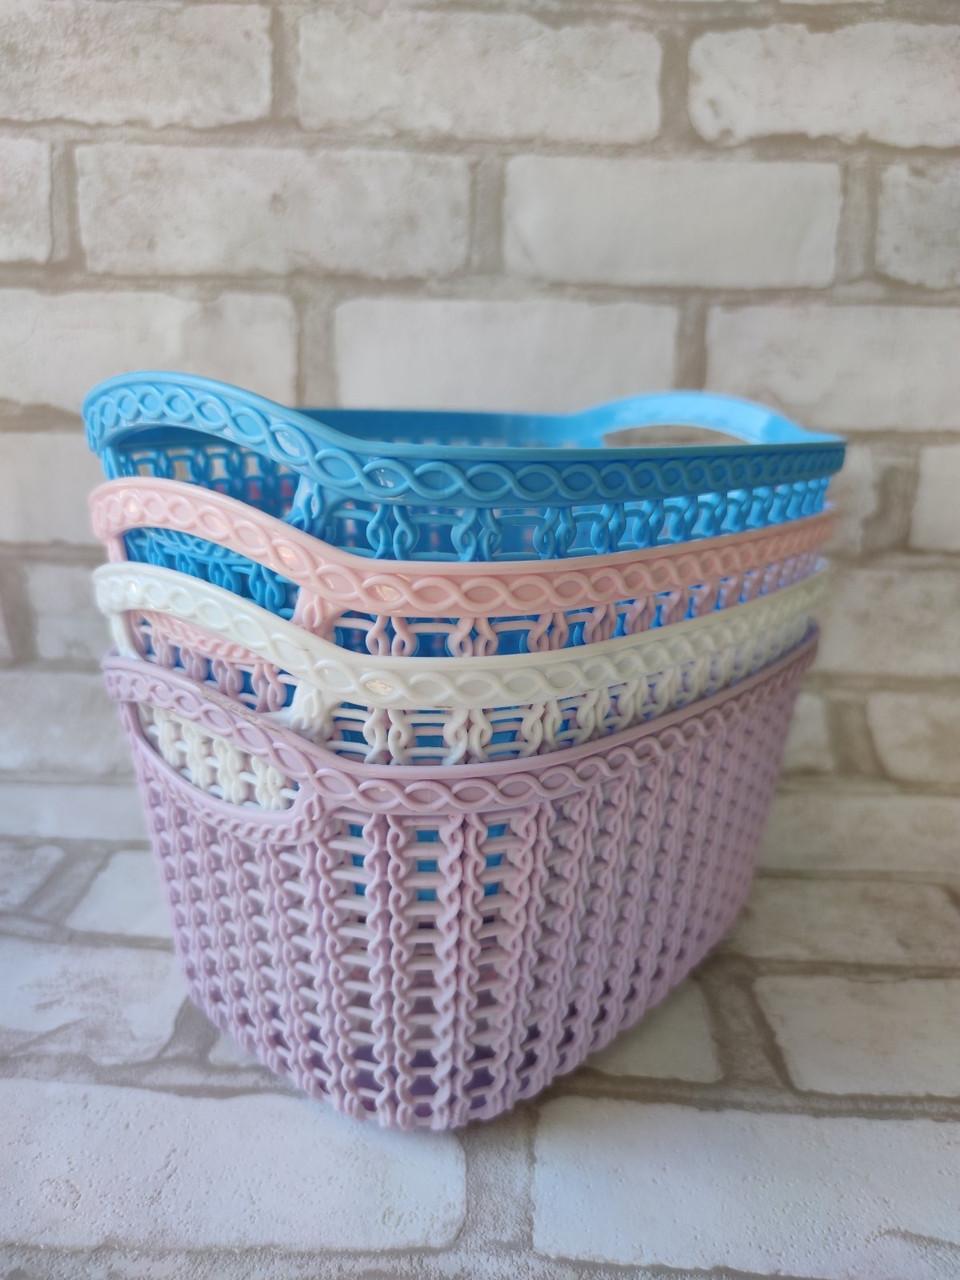 Ажурна корзинка з ручками для зберігання дрібниць, матеріал пластик, розмір25х18х12 см, ціна 45 грн